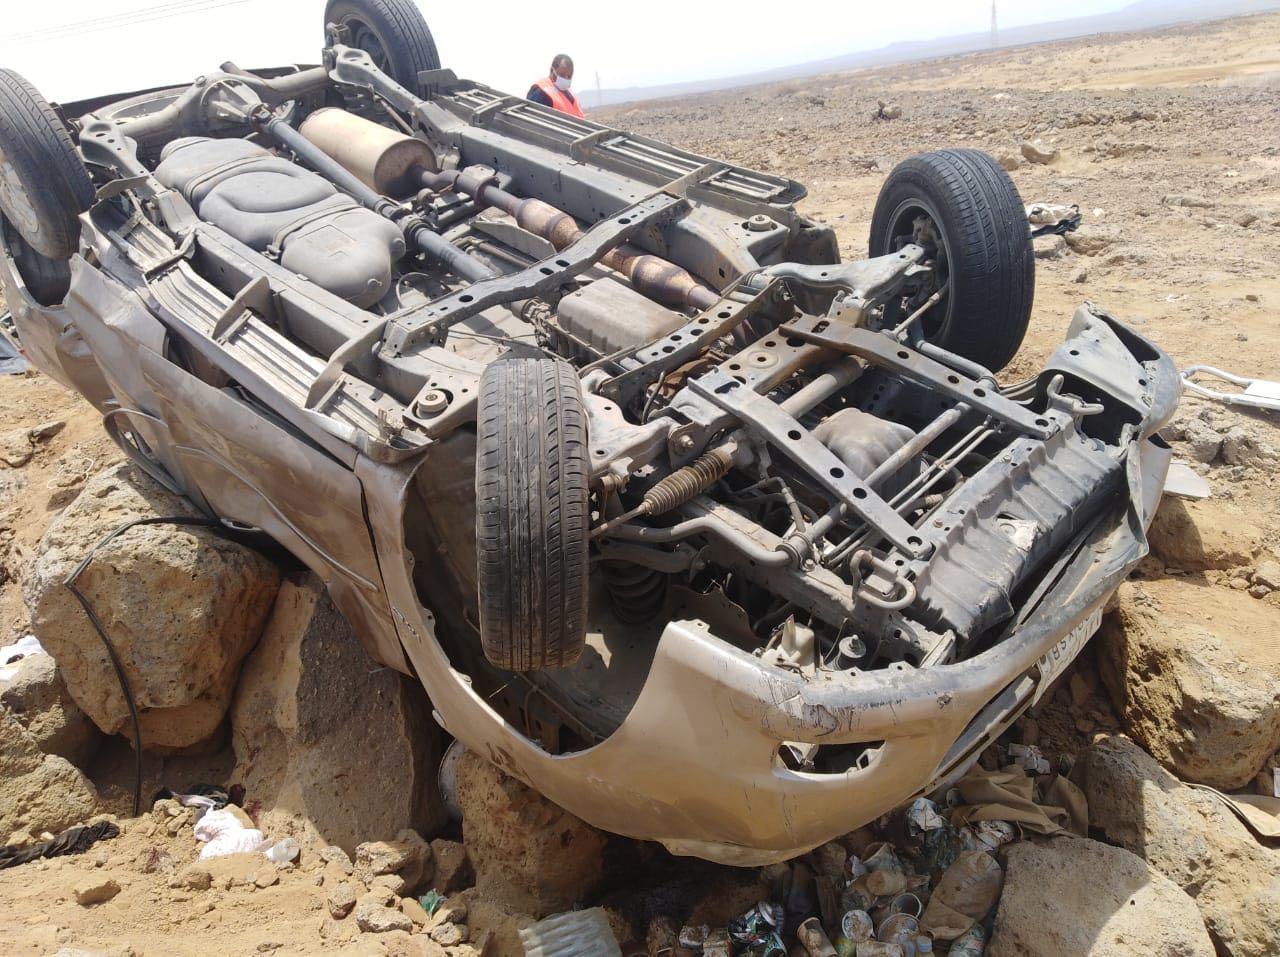 إنقلاب سيارة بعسير يخلف ثلاث وفيات في البرك